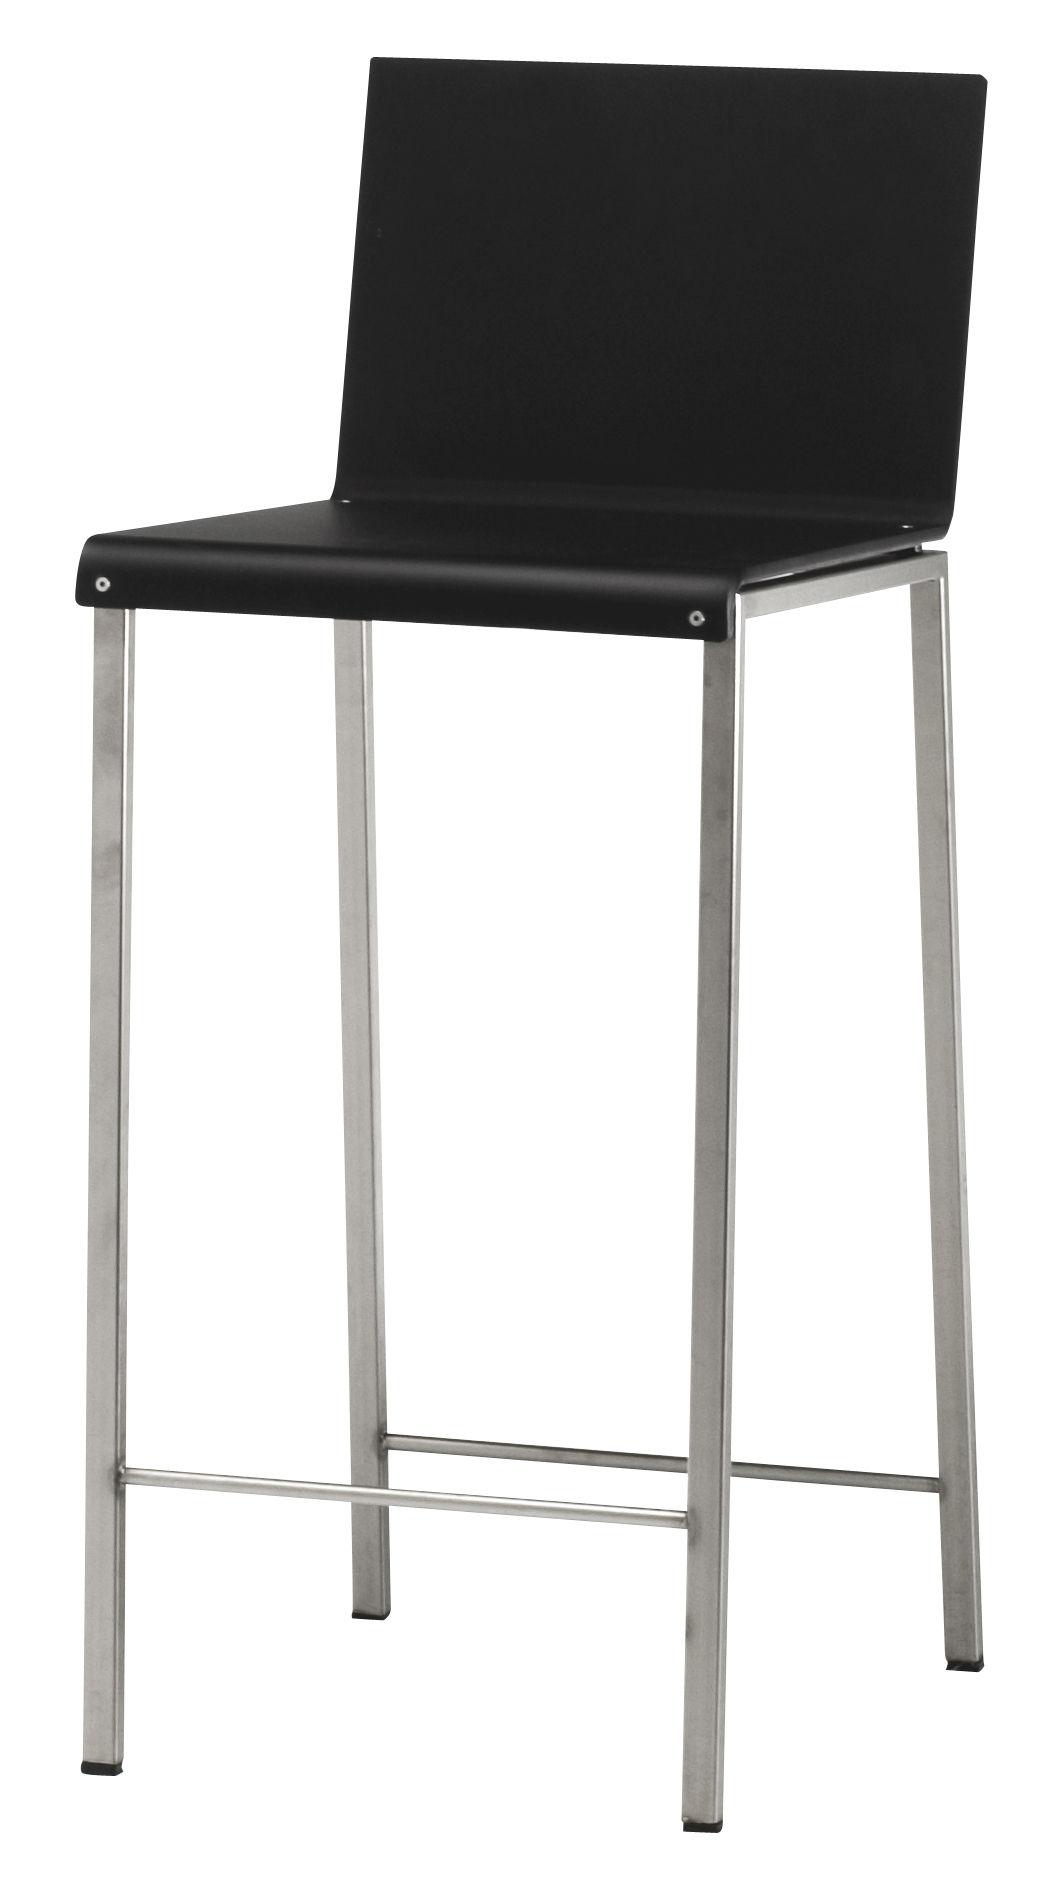 chaise de bar bianco mat h 64 cm noir mat pieds acier h assise 64 cm zeus. Black Bedroom Furniture Sets. Home Design Ideas